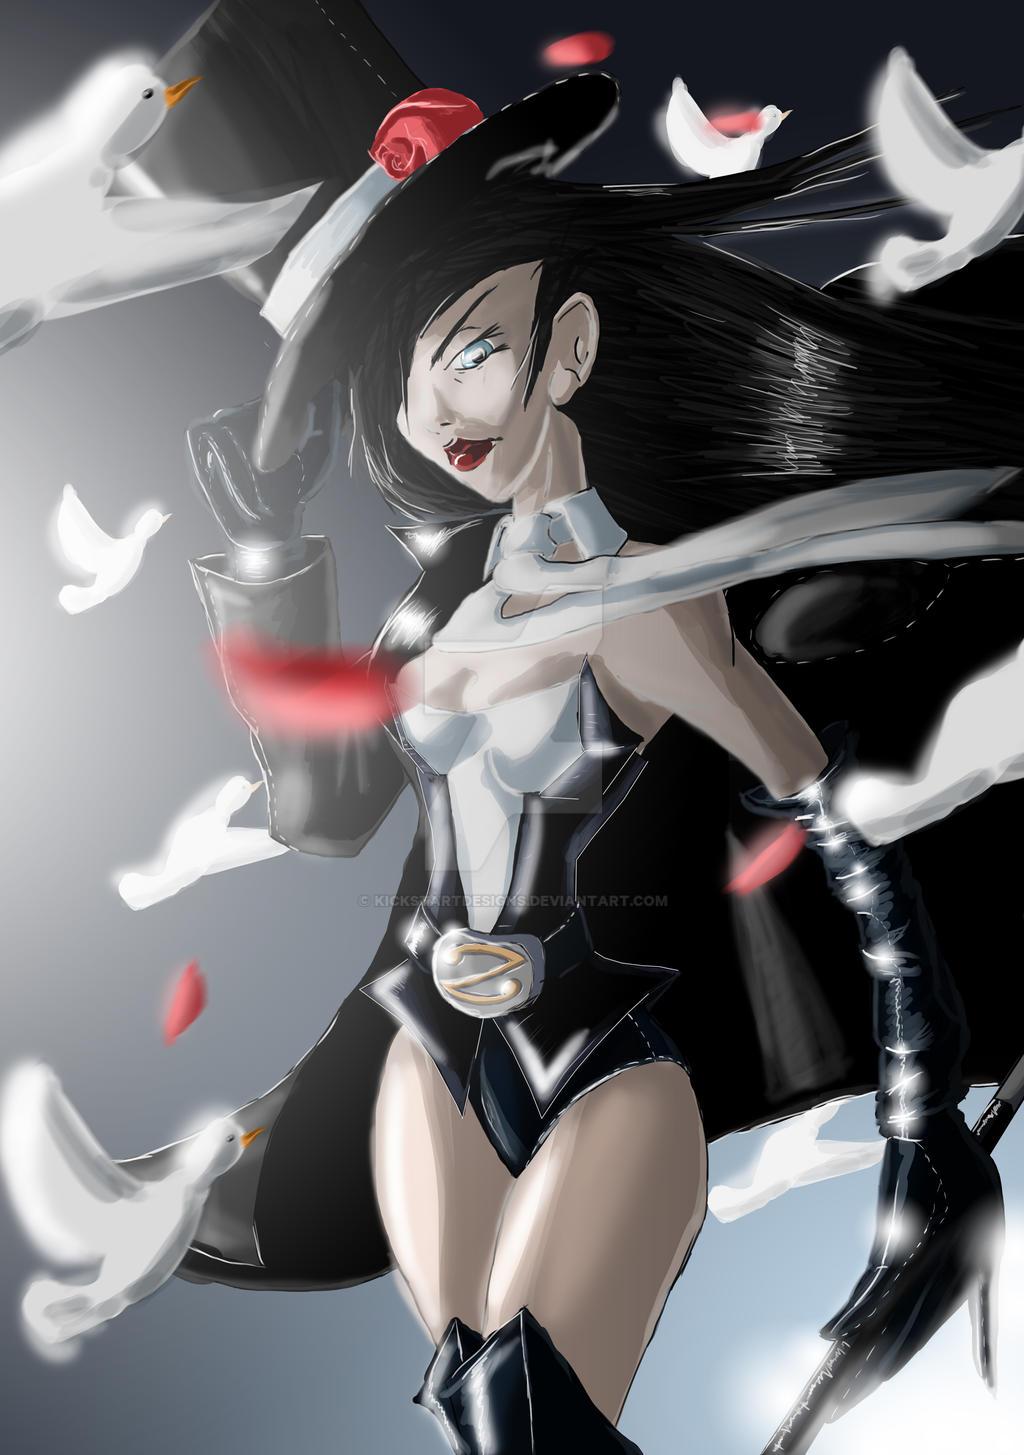 Zatanna by Dirty6Vision on DeviantArt